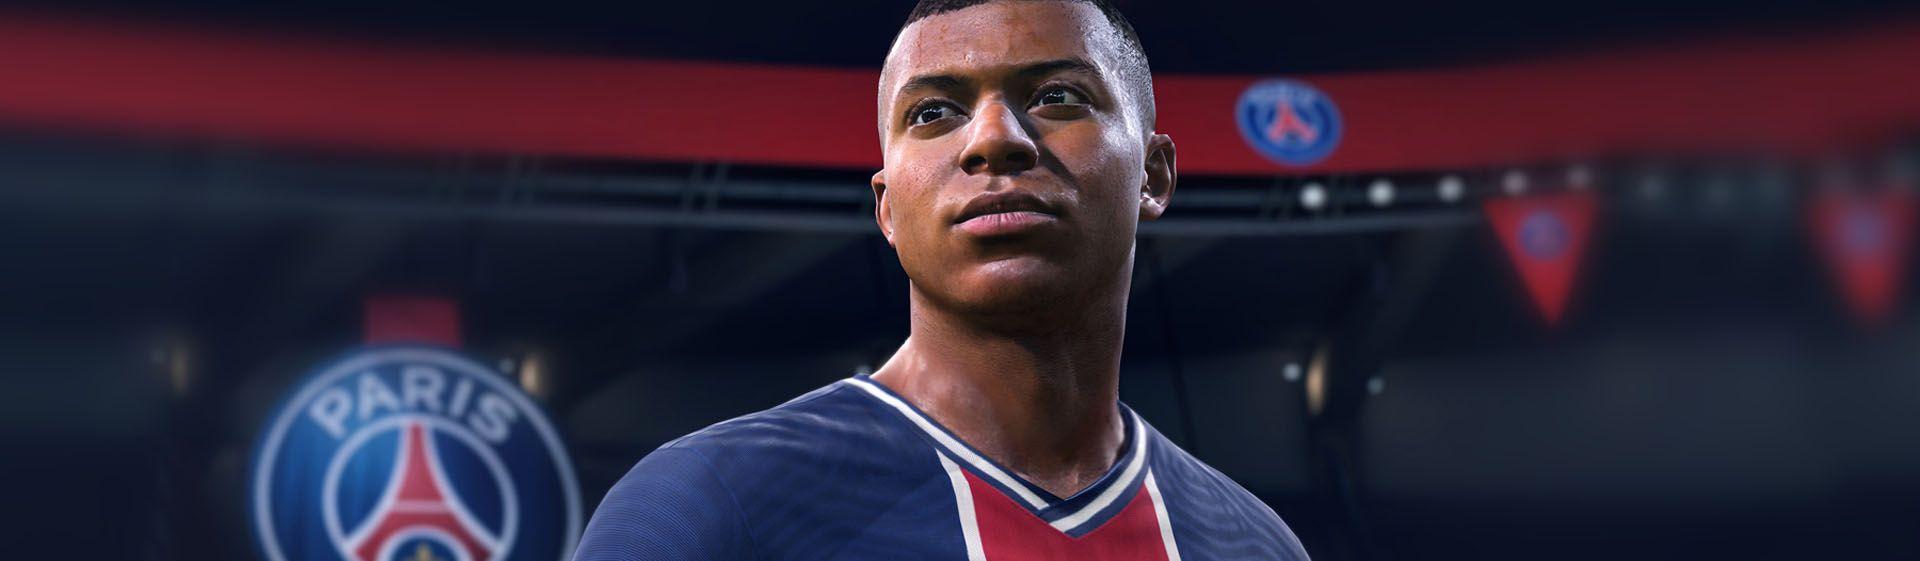 FIFA 21 vale a pena? Veja análise do jogo de futebol antes de comprar